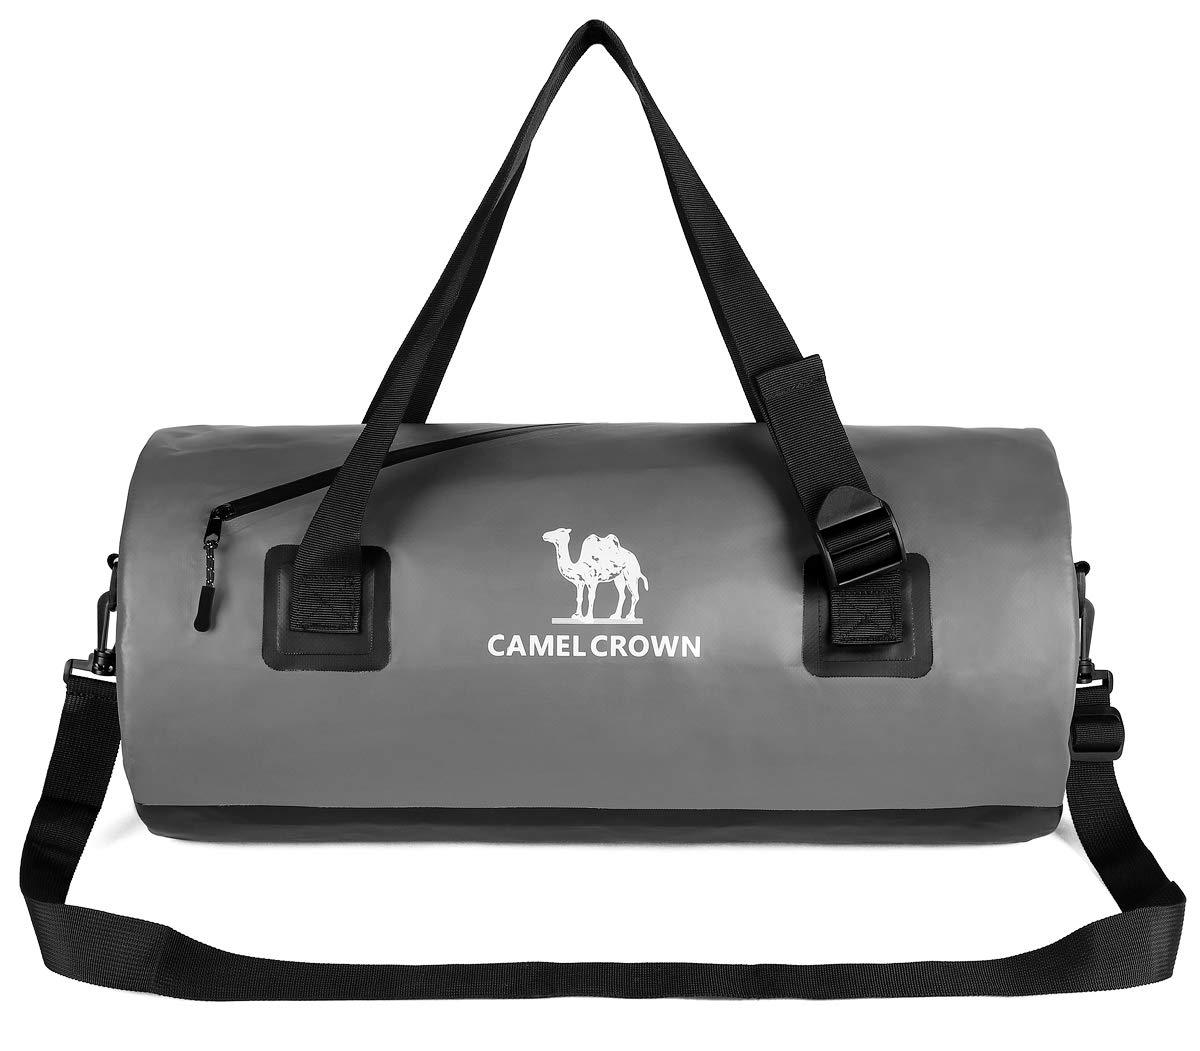 CAMEL CROWN 防水ダッフルバッグ ポリ塩化ビニル 気密 旅行バッグ ドライバッグ バックパック 旅行かばん アウトドア スポーツ ジム  グレー B07HNZPCHM